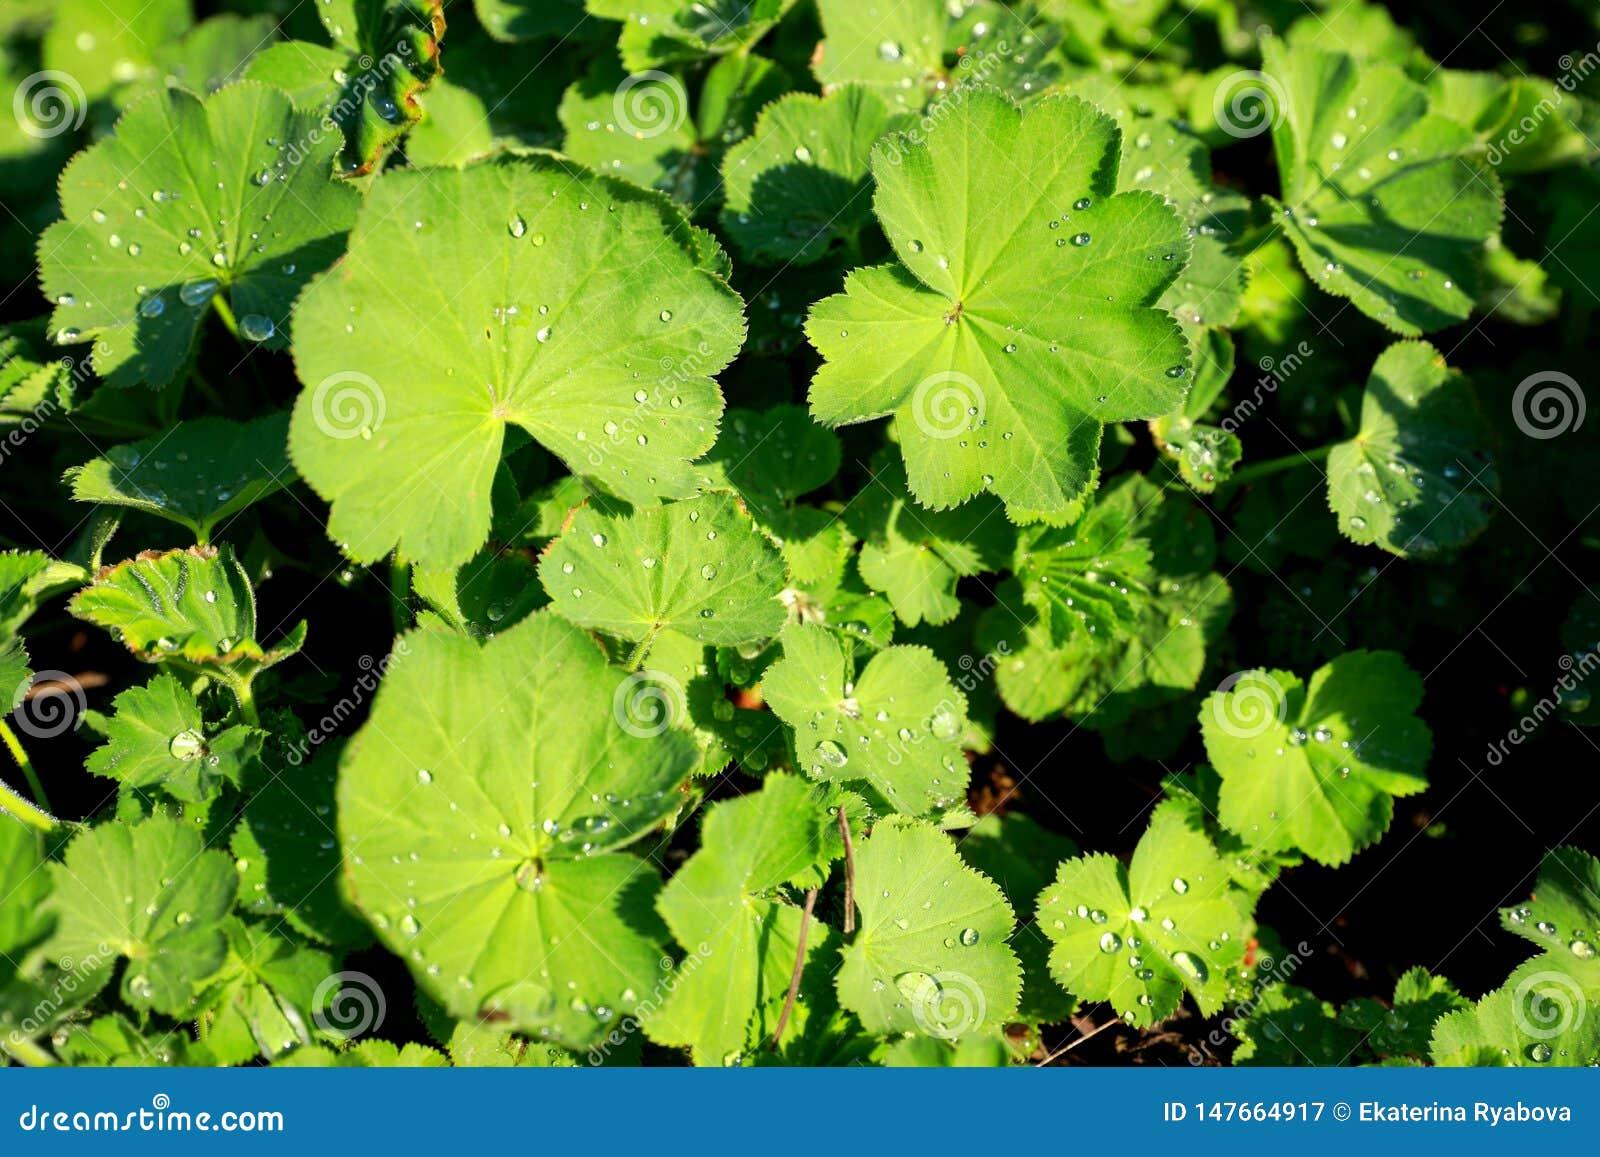 Gröna sidor av lady'sansvaret eller alchemilla